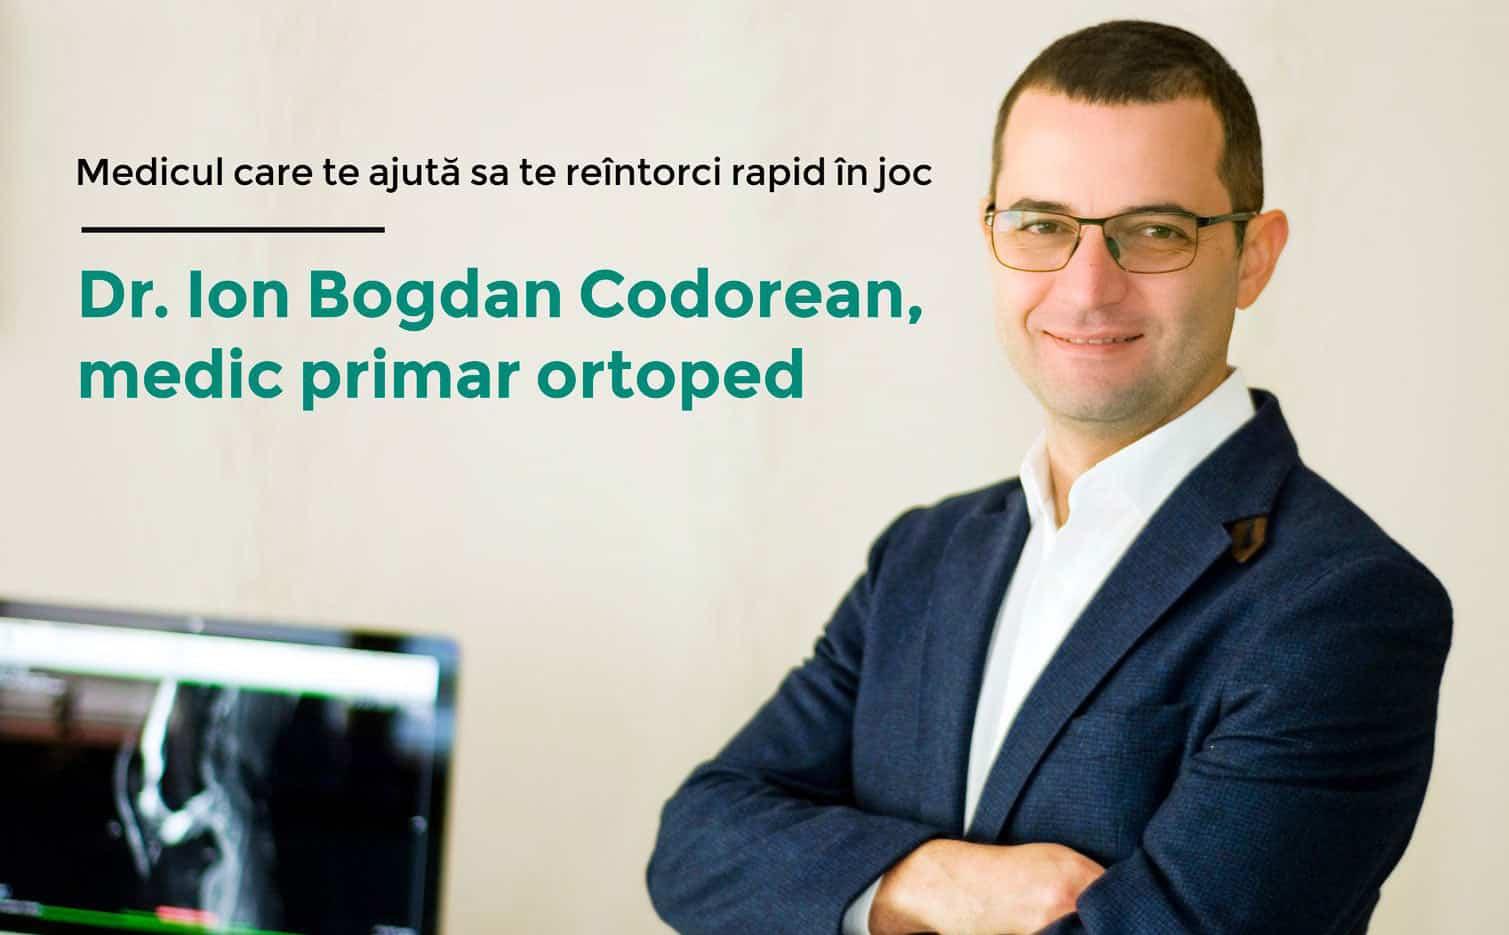 Dr. Ion Bogdan Codorean - Medic primar ortoped